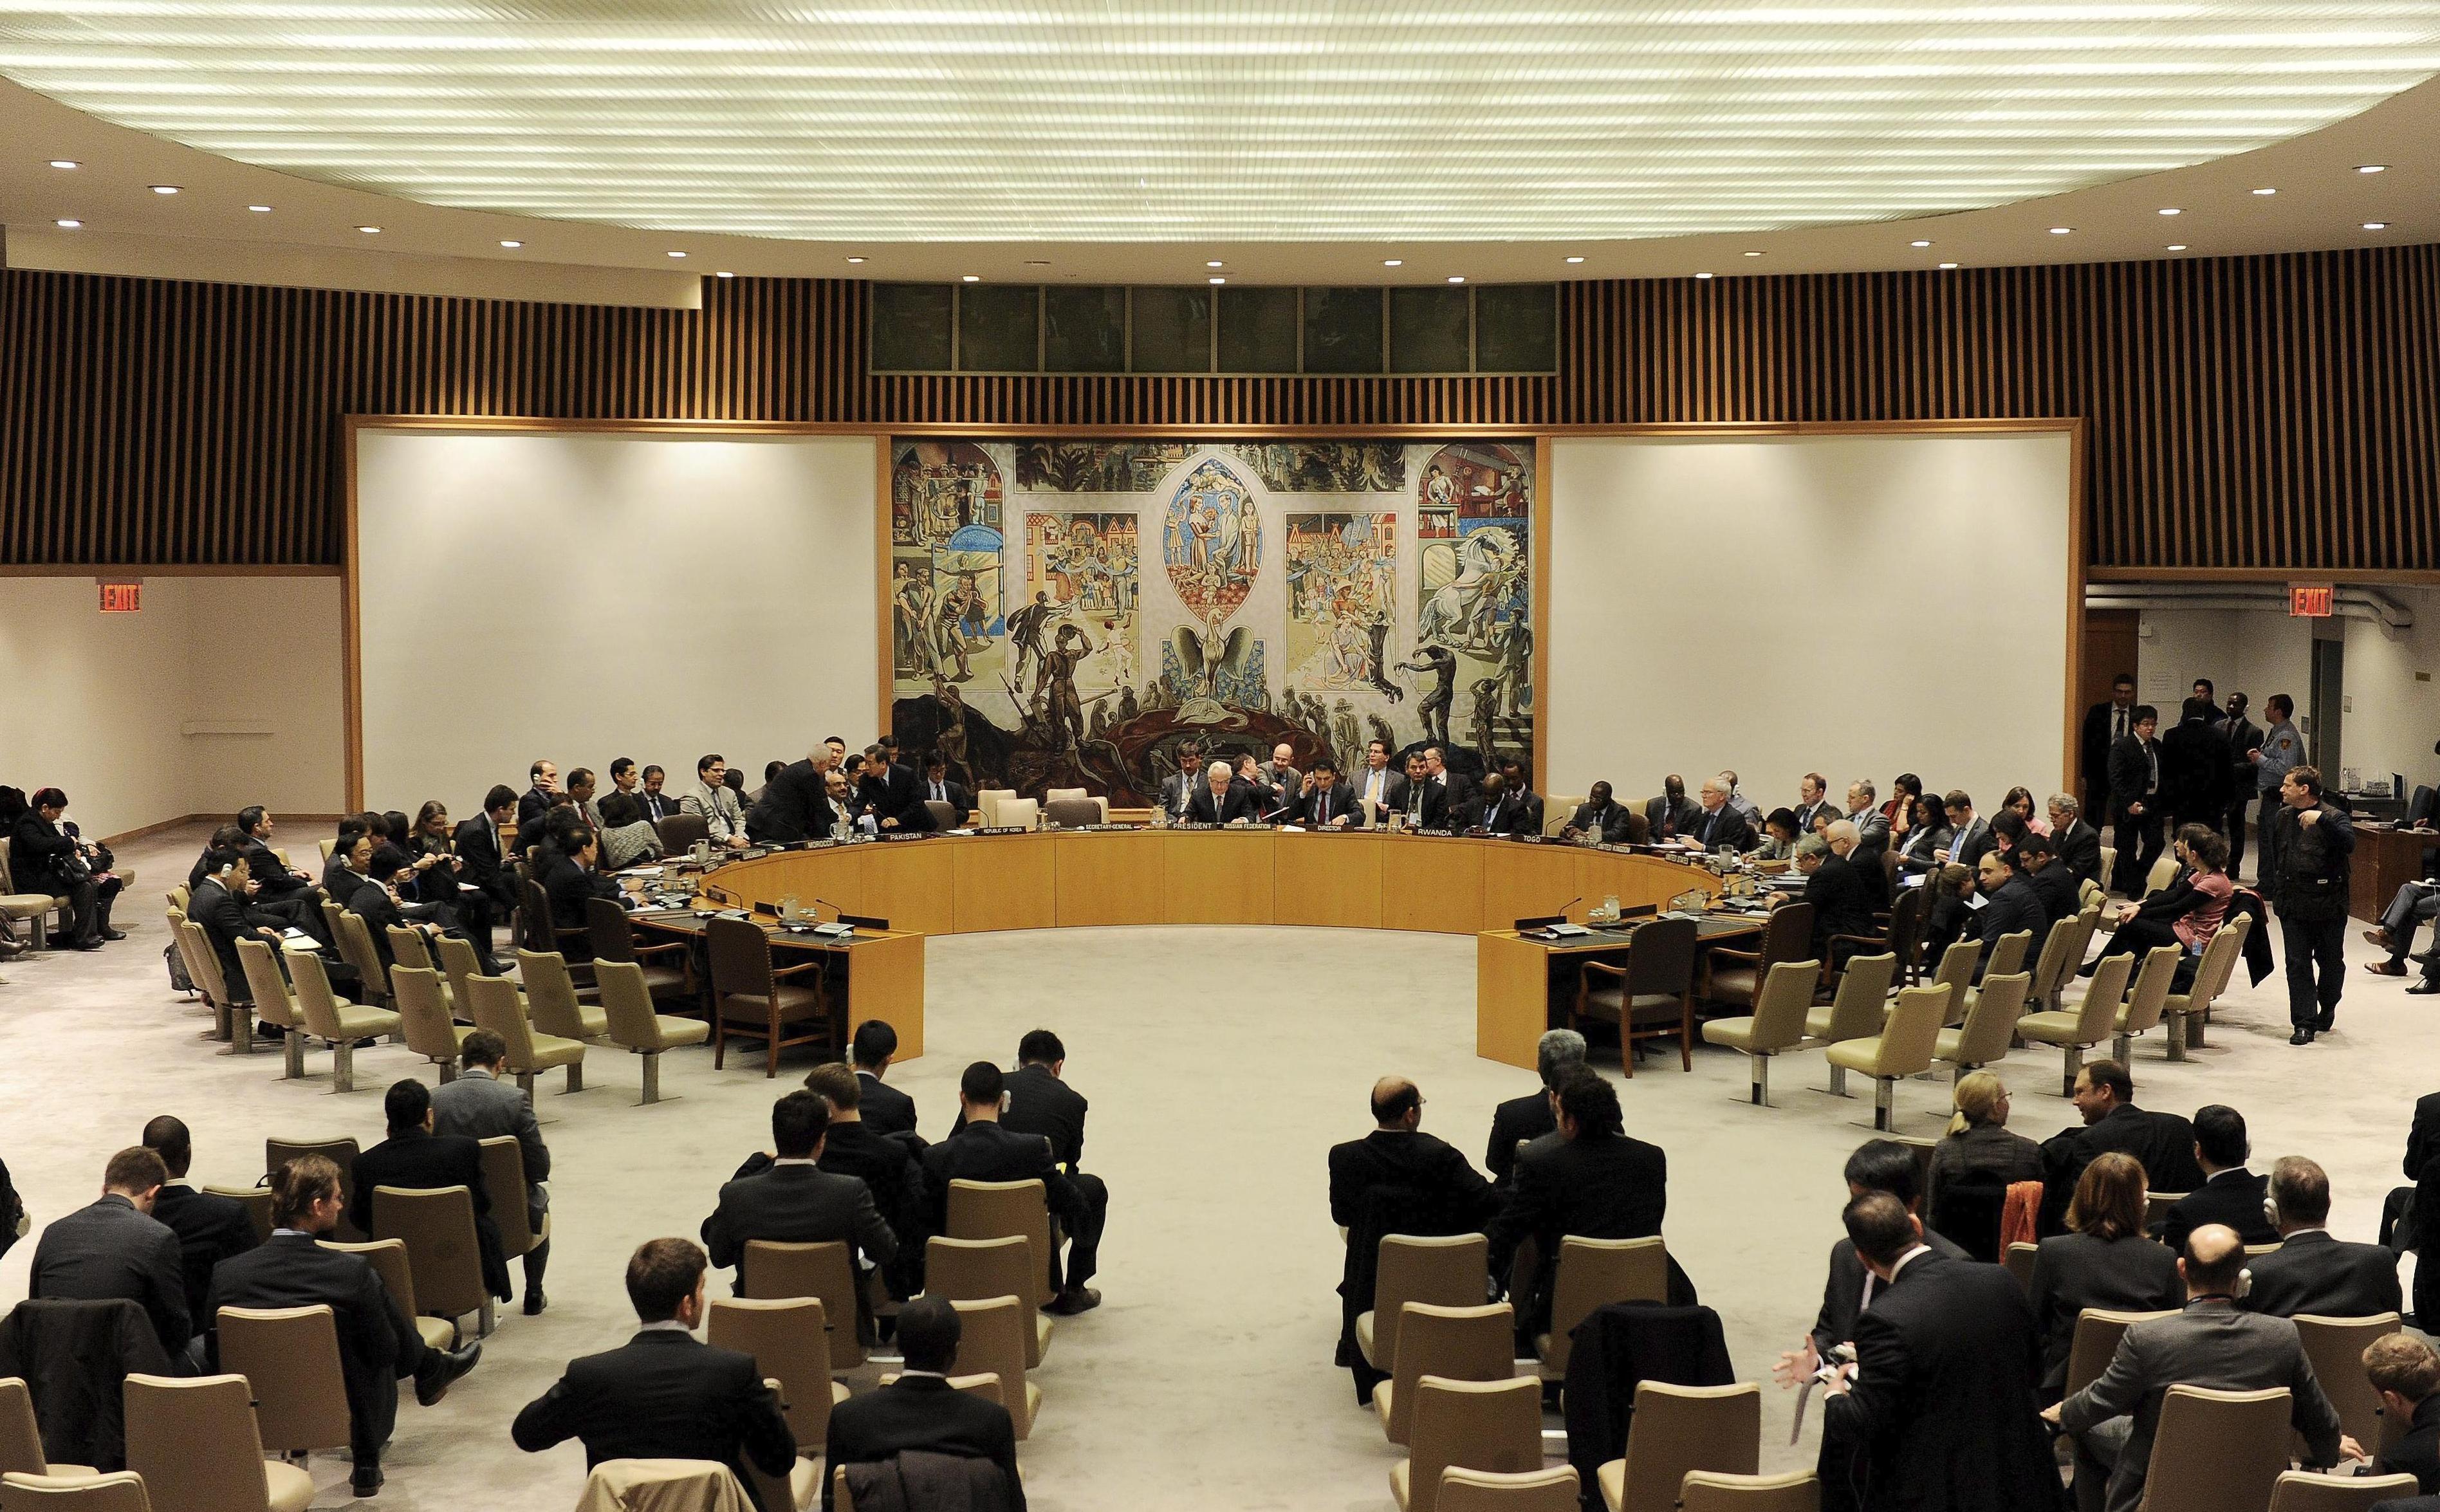 Chile, elegido miembro no permanente del Consejo de Seguridad para 2014-2015